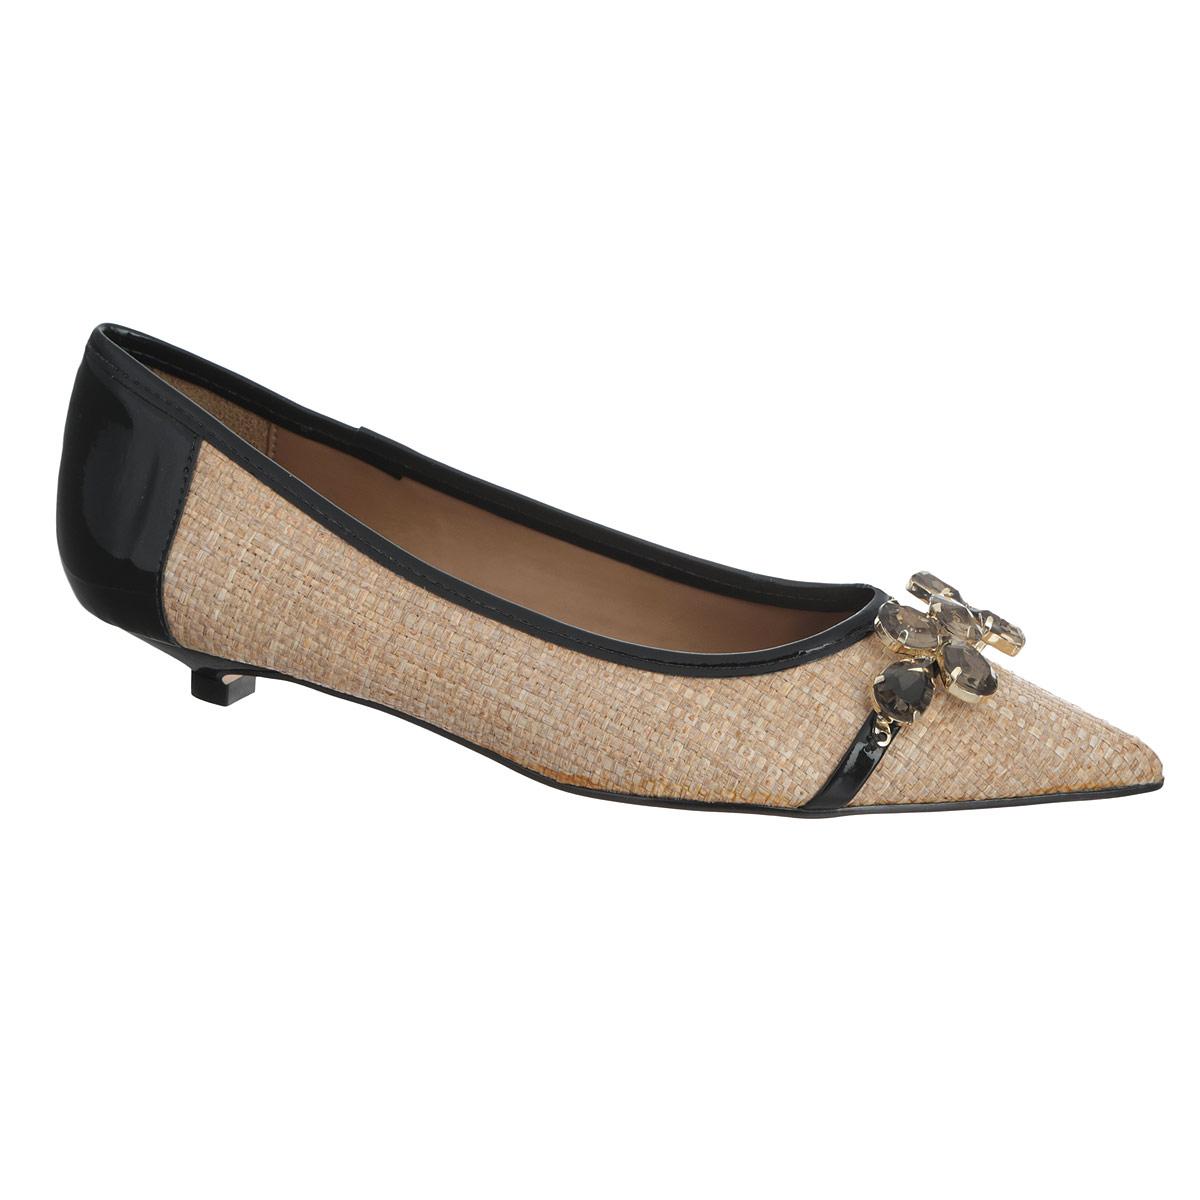 6545-1Изящные туфли от Biondini займут достойное место среди вашего гардероба. Модель выполнена из плотного текстиля и декорирована плетением по всей поверхности, вставками из лакированной кожи на заднике и вдоль канта. Мыс туфель оформлен тонким лакированным ремешком с крупными стразами в металлической оправе. Заостренный вытянутый носок смотрится невероятно женственно. Стелька из натуральной кожи дополнена тисненым названием бренда и прострочкой по контуру. Подошва с рифлением обеспечивает идеальное сцепление с любыми поверхностями. Удобные туфли - незаменимая вещь в гардеробе каждой женщины.